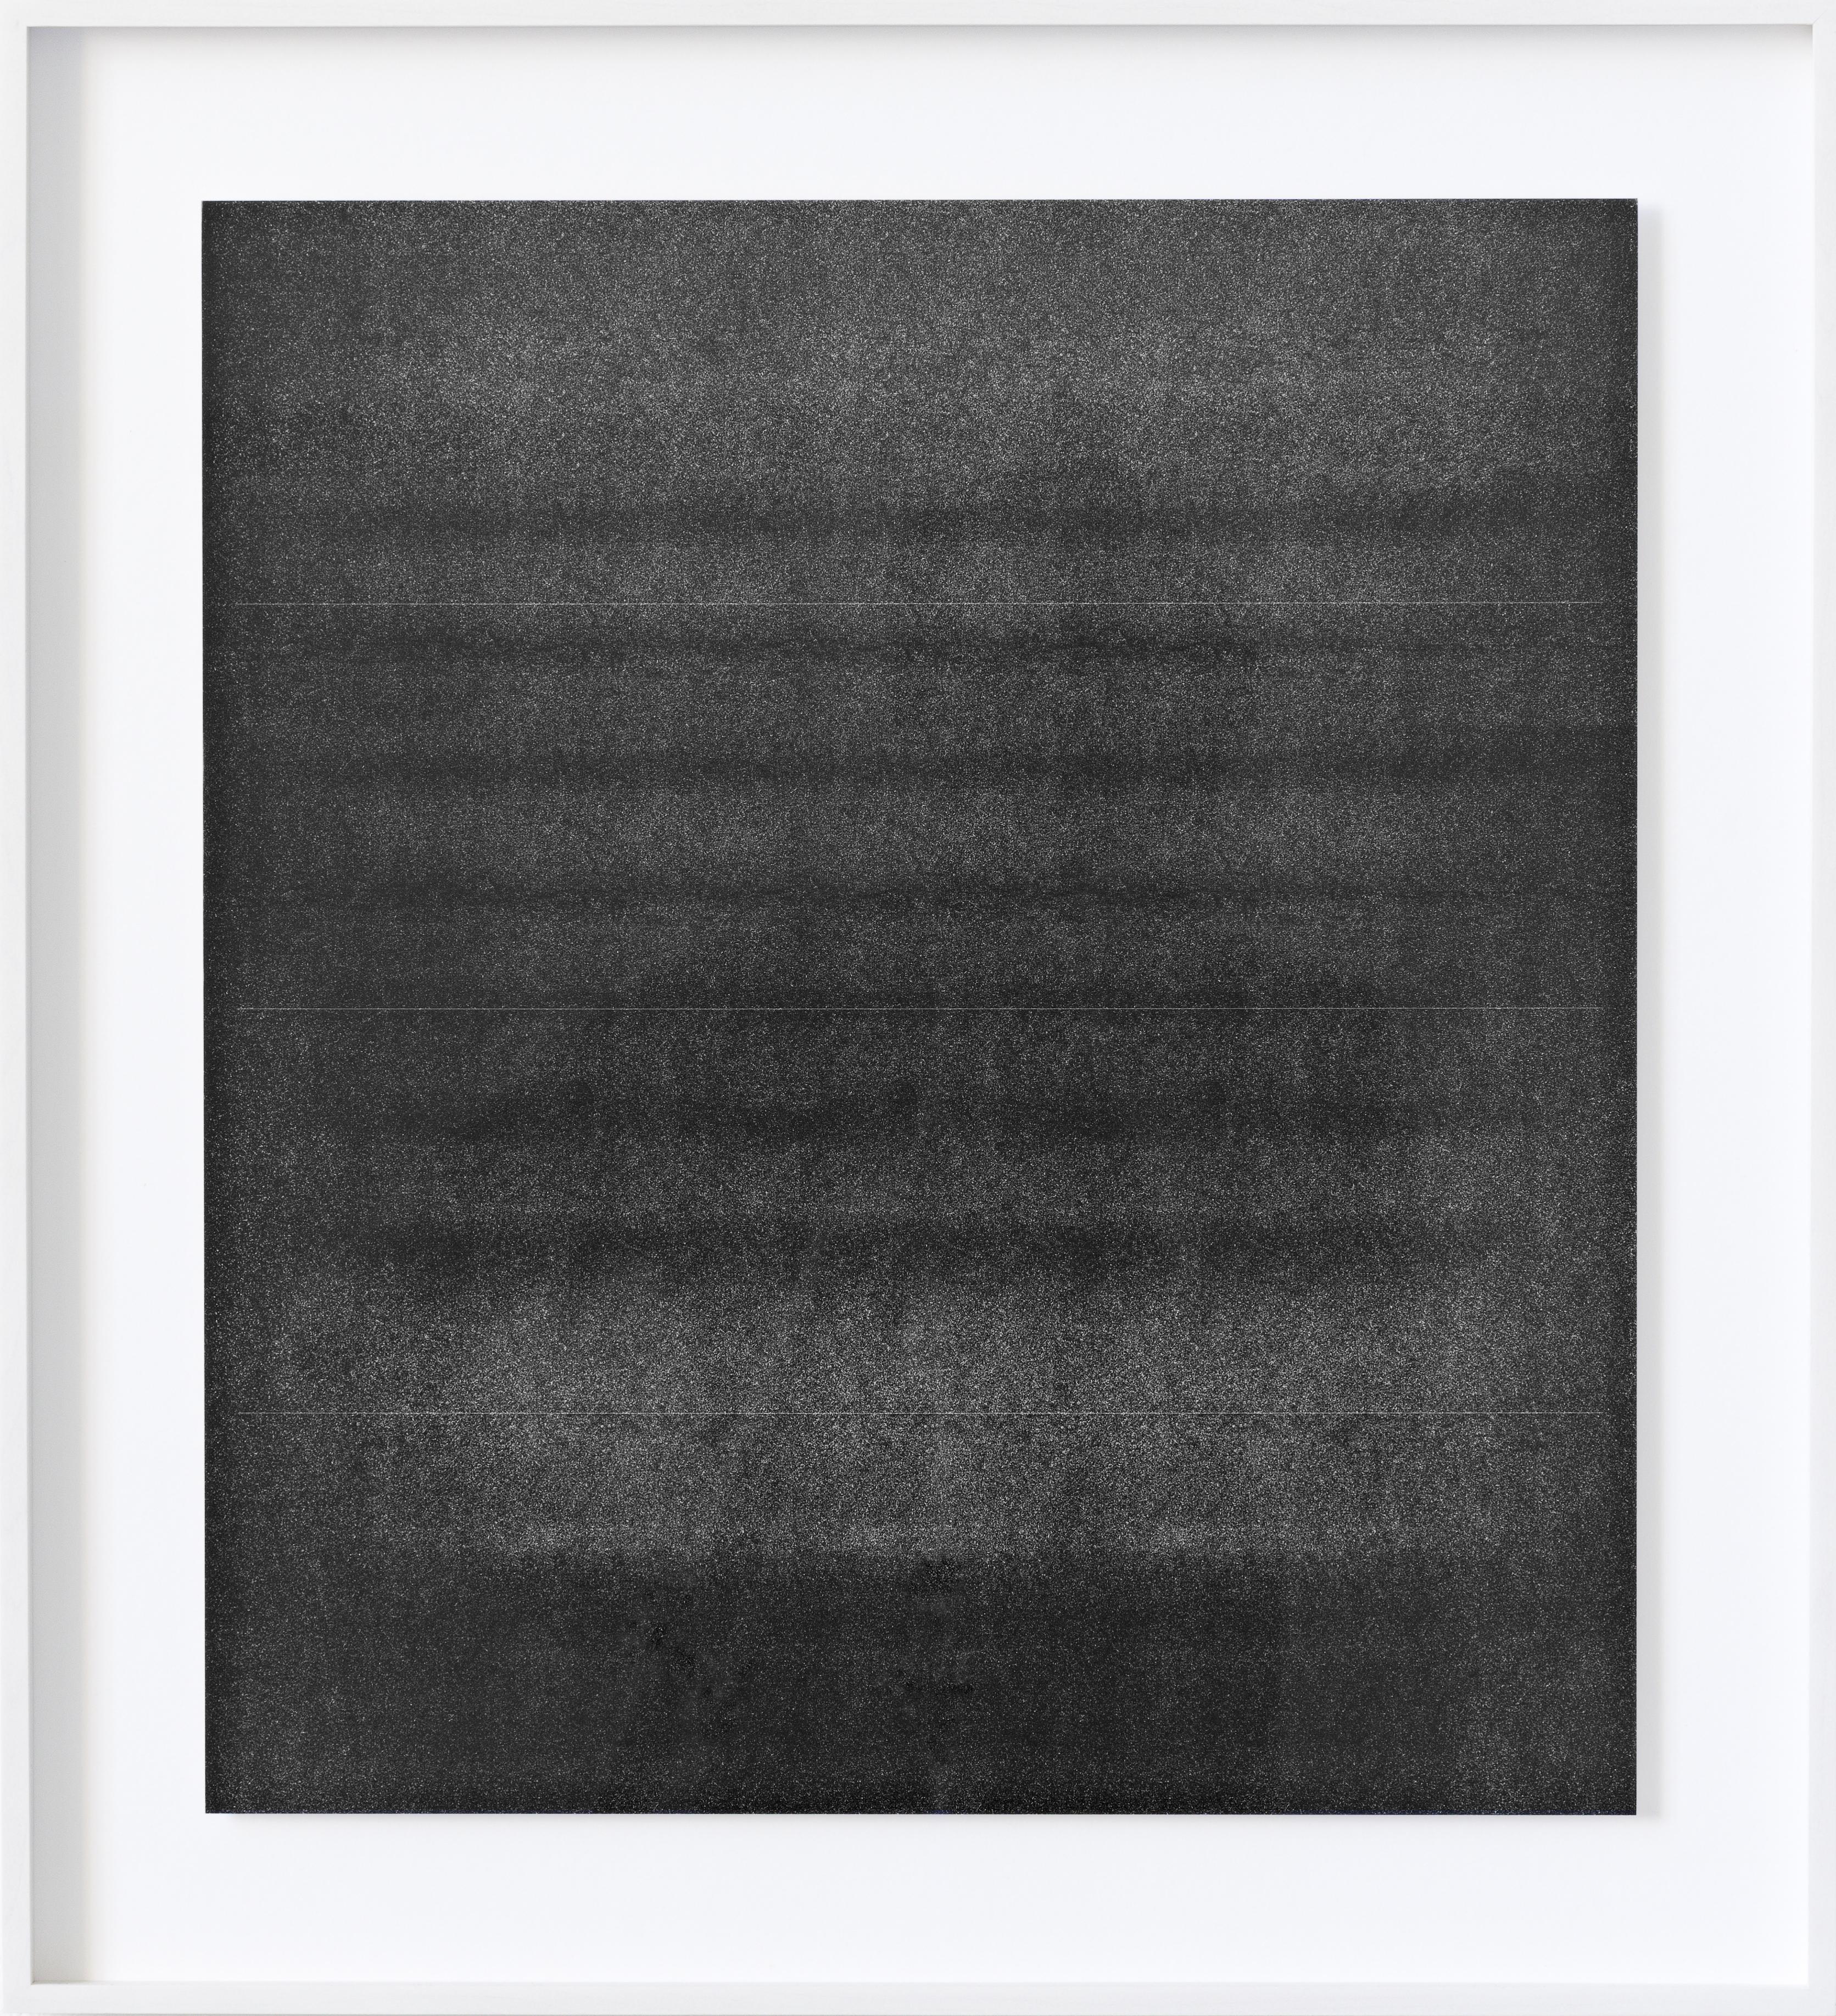 Conrad Müller, Ohne Titel (grau III) 2018, Pigmentprint 45 x 40 cm 1:5 + 2 AP